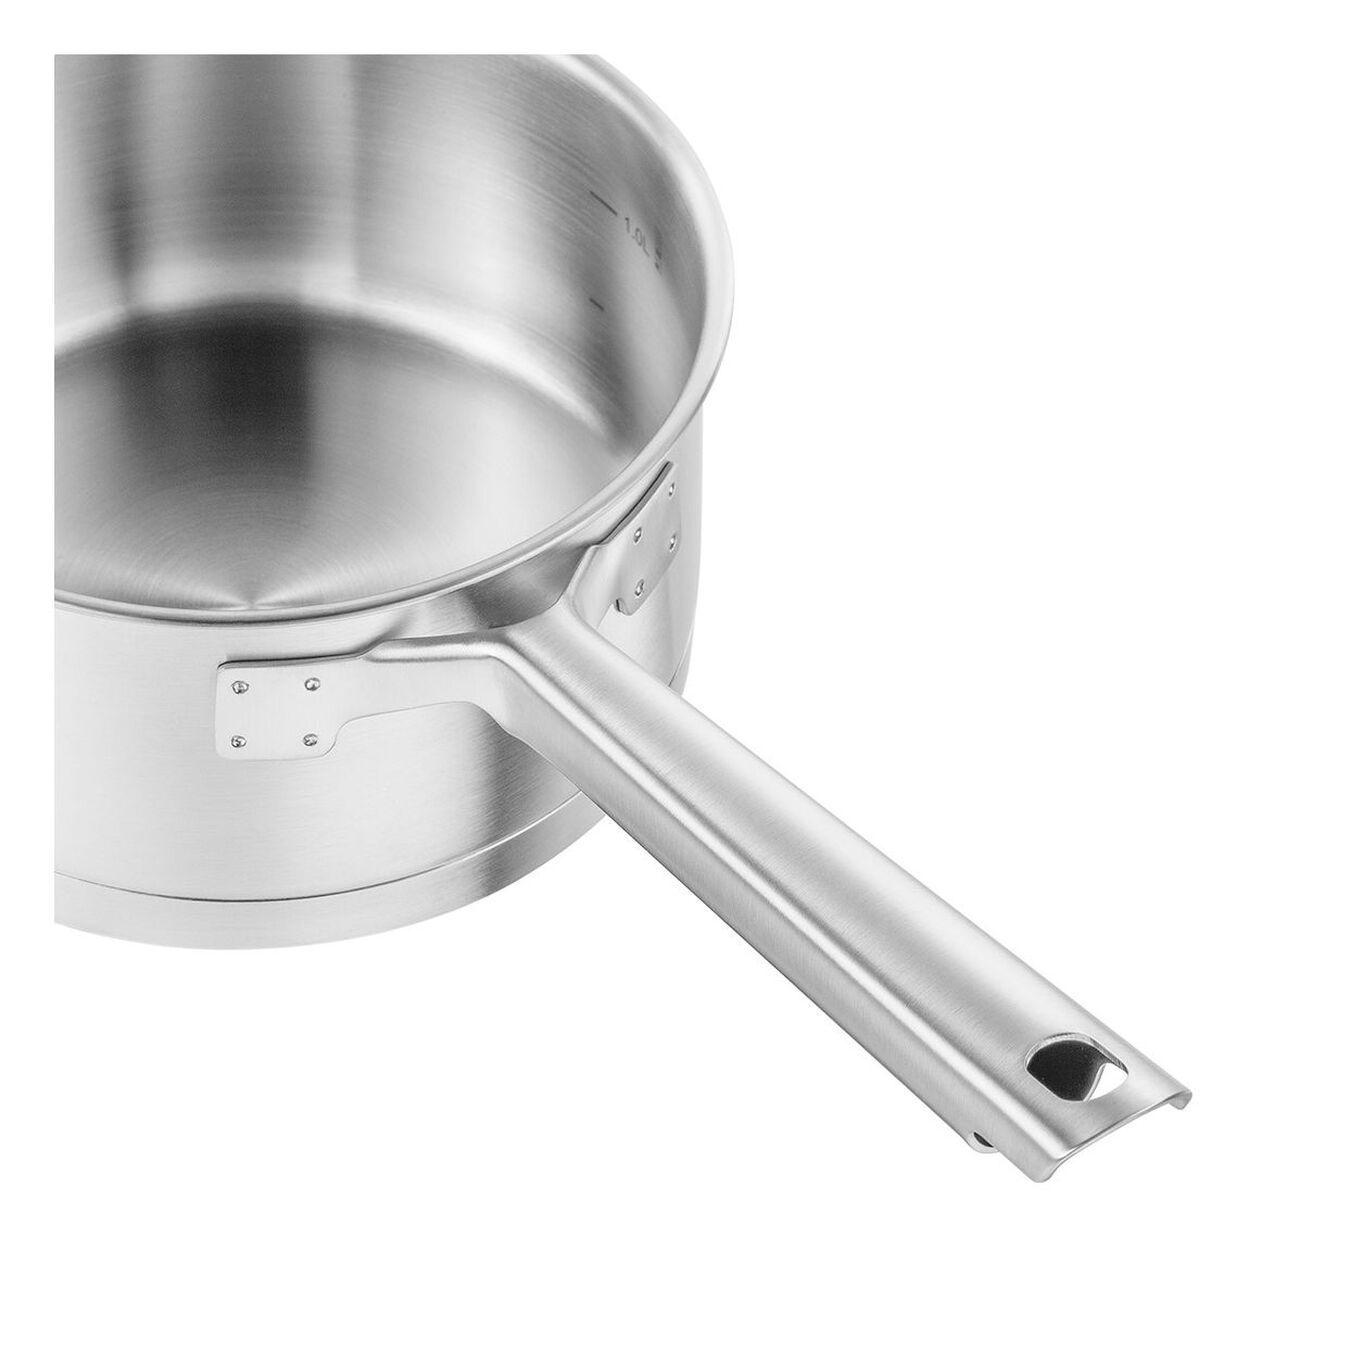 Ensemble de casseroles 3-pcs,,large 6